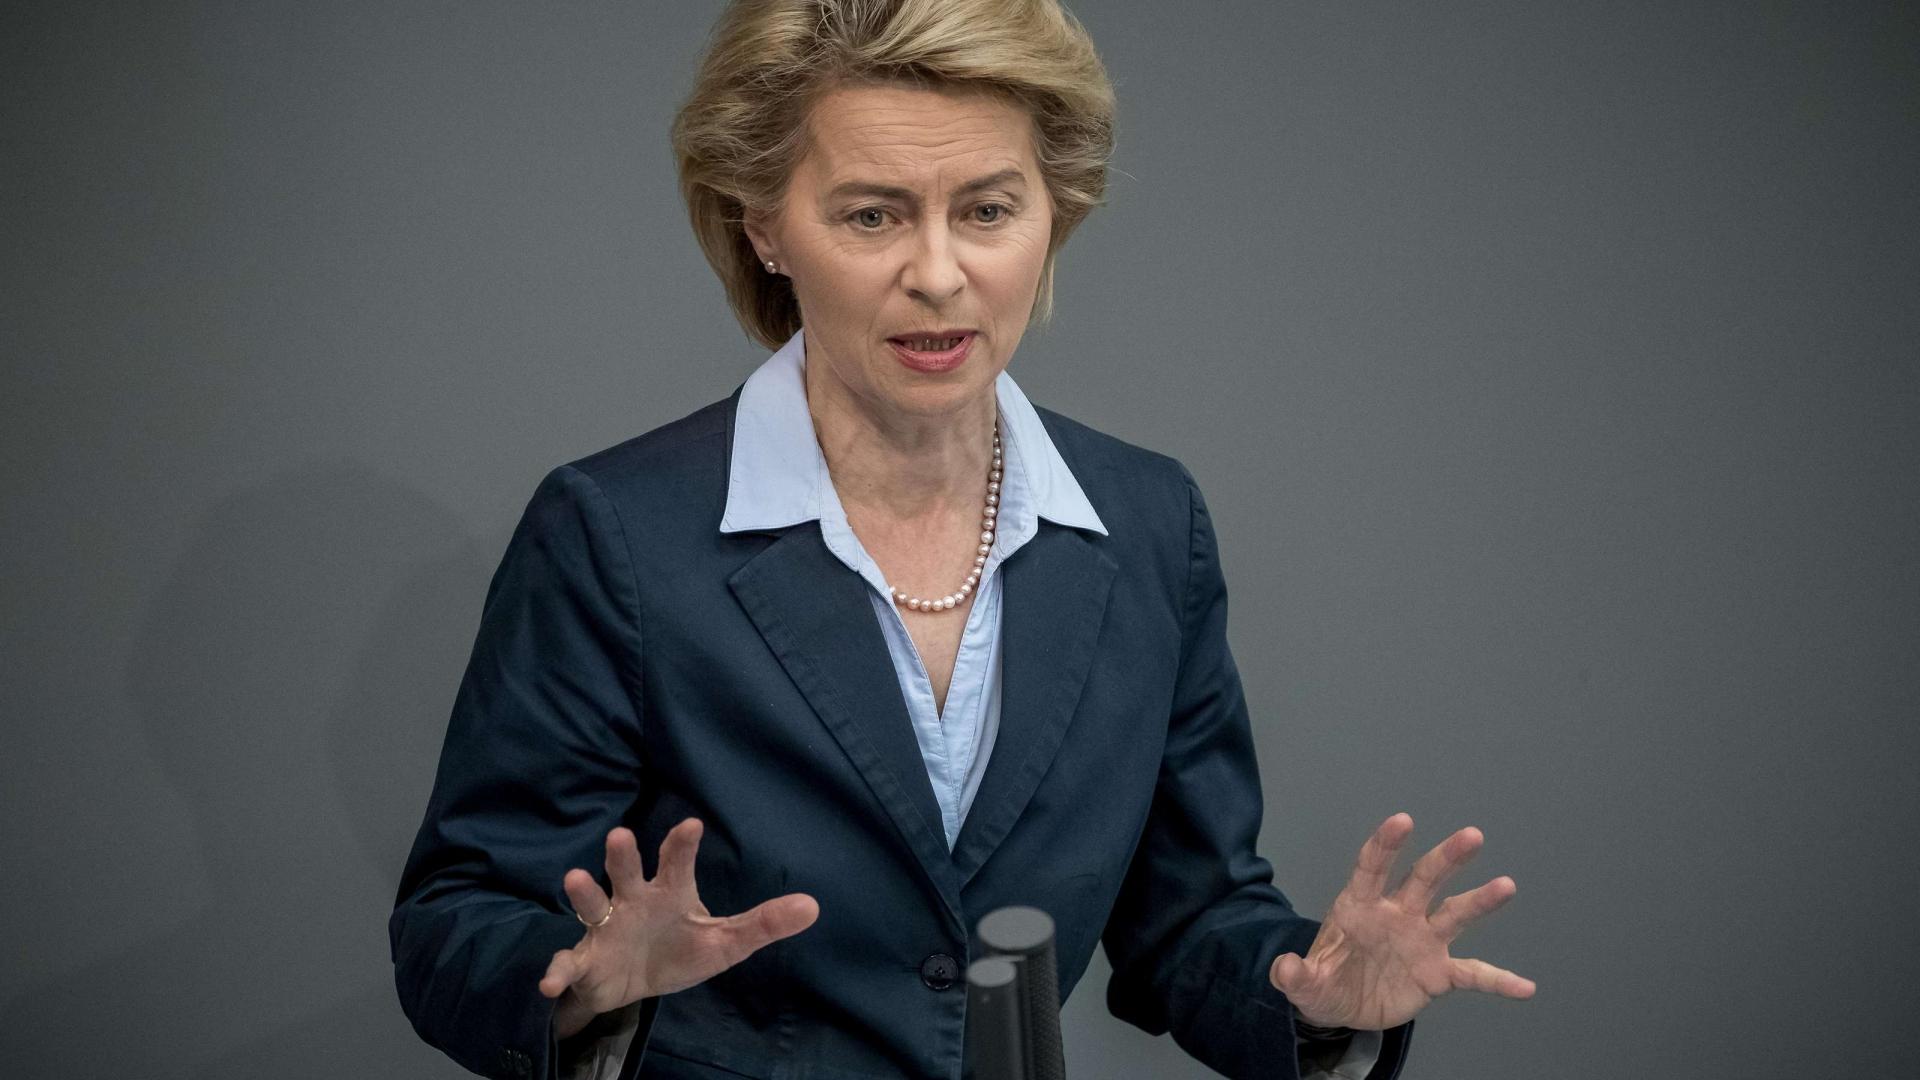 Шенген нуждается в реформировании – глава Еврокомиссии